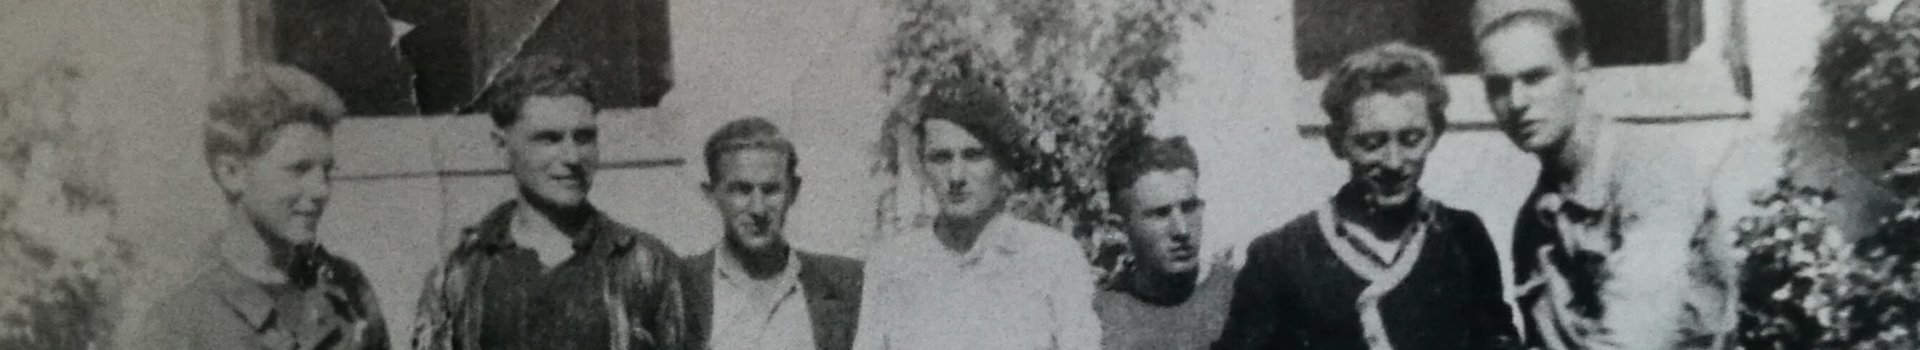 Maquis de Saffré - image d'archive